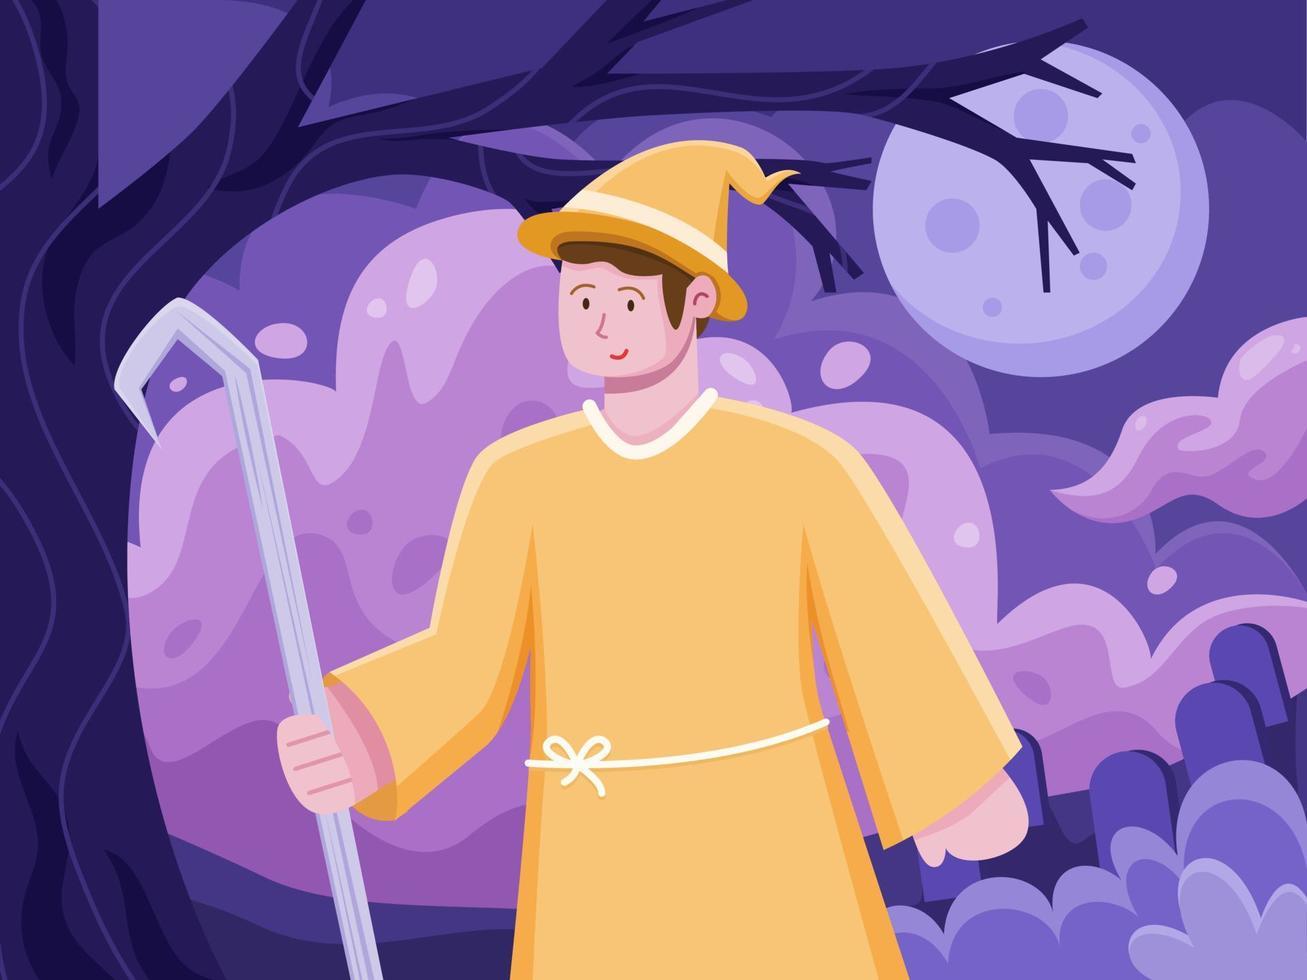 ilustração plana de pessoas que celebra o dia das bruxas usa uma fantasia de bruxa. festa divertida da celebração do dia das bruxas. ilustração do personagem de halloween. pode ser usado para cartão de felicitações, convite, cartão postal, pôster. vetor